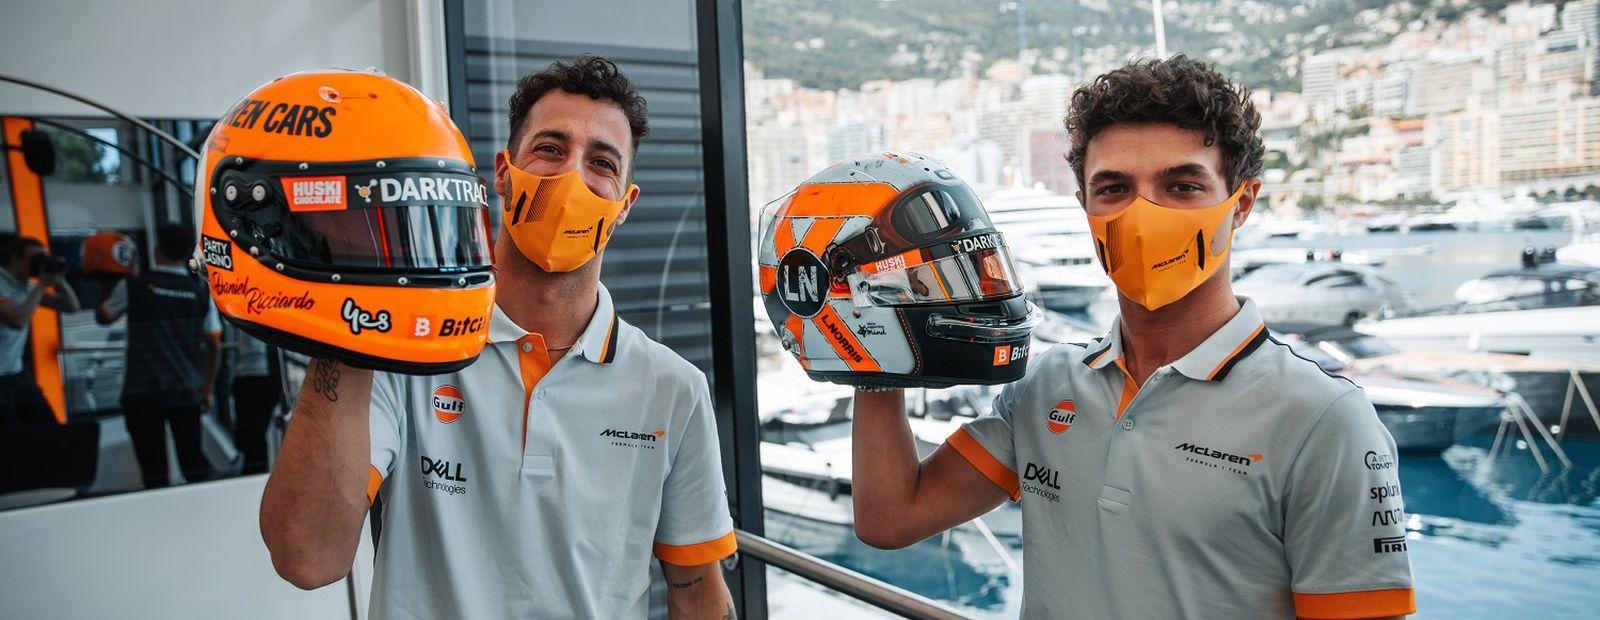 The Monaco special